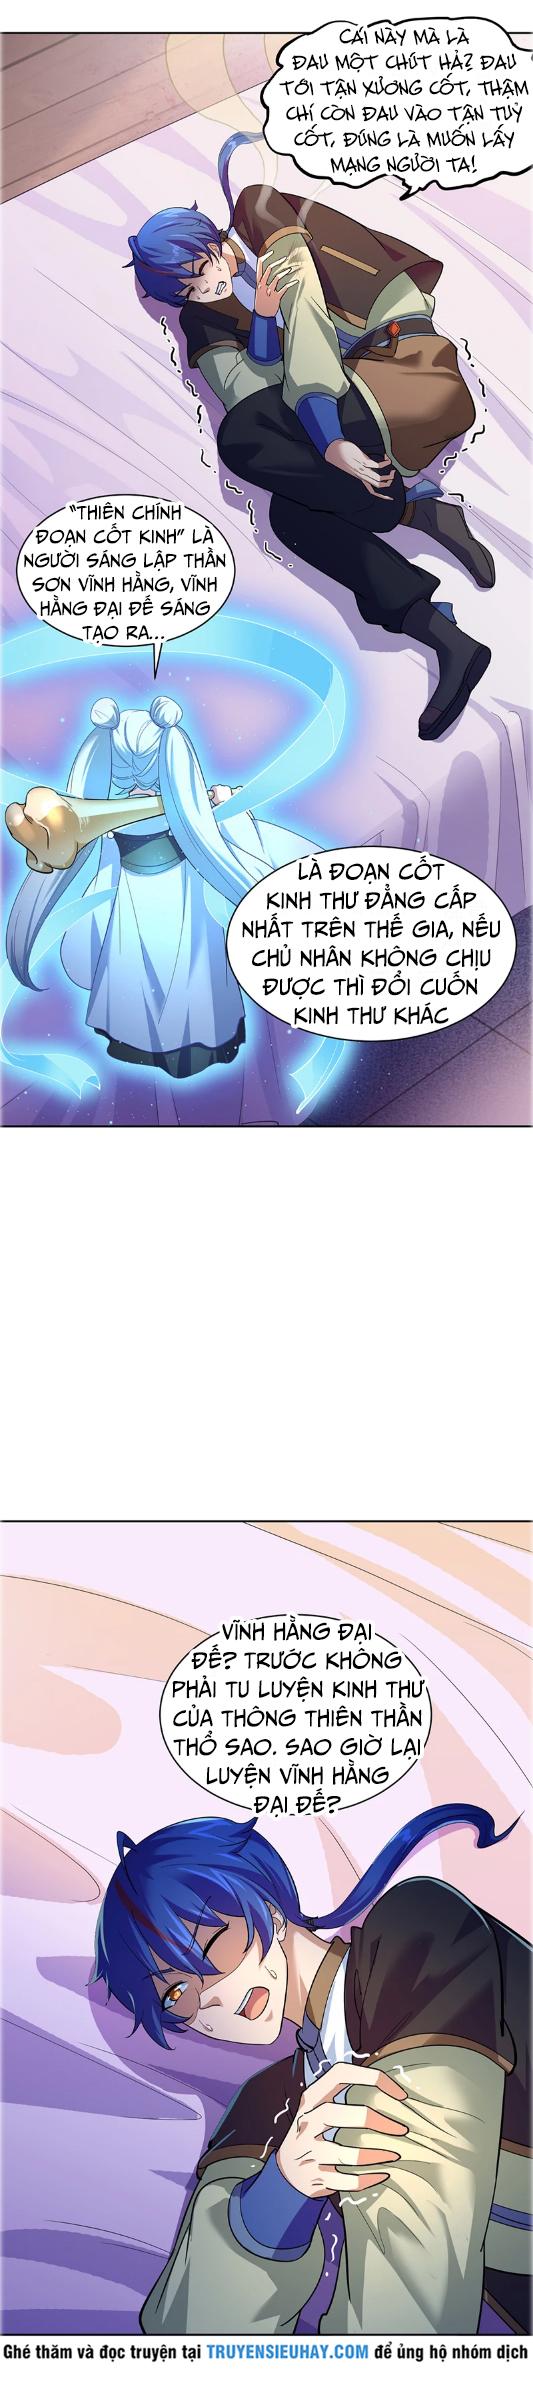 Võ Đạo Độc Tôn: Chapter 63